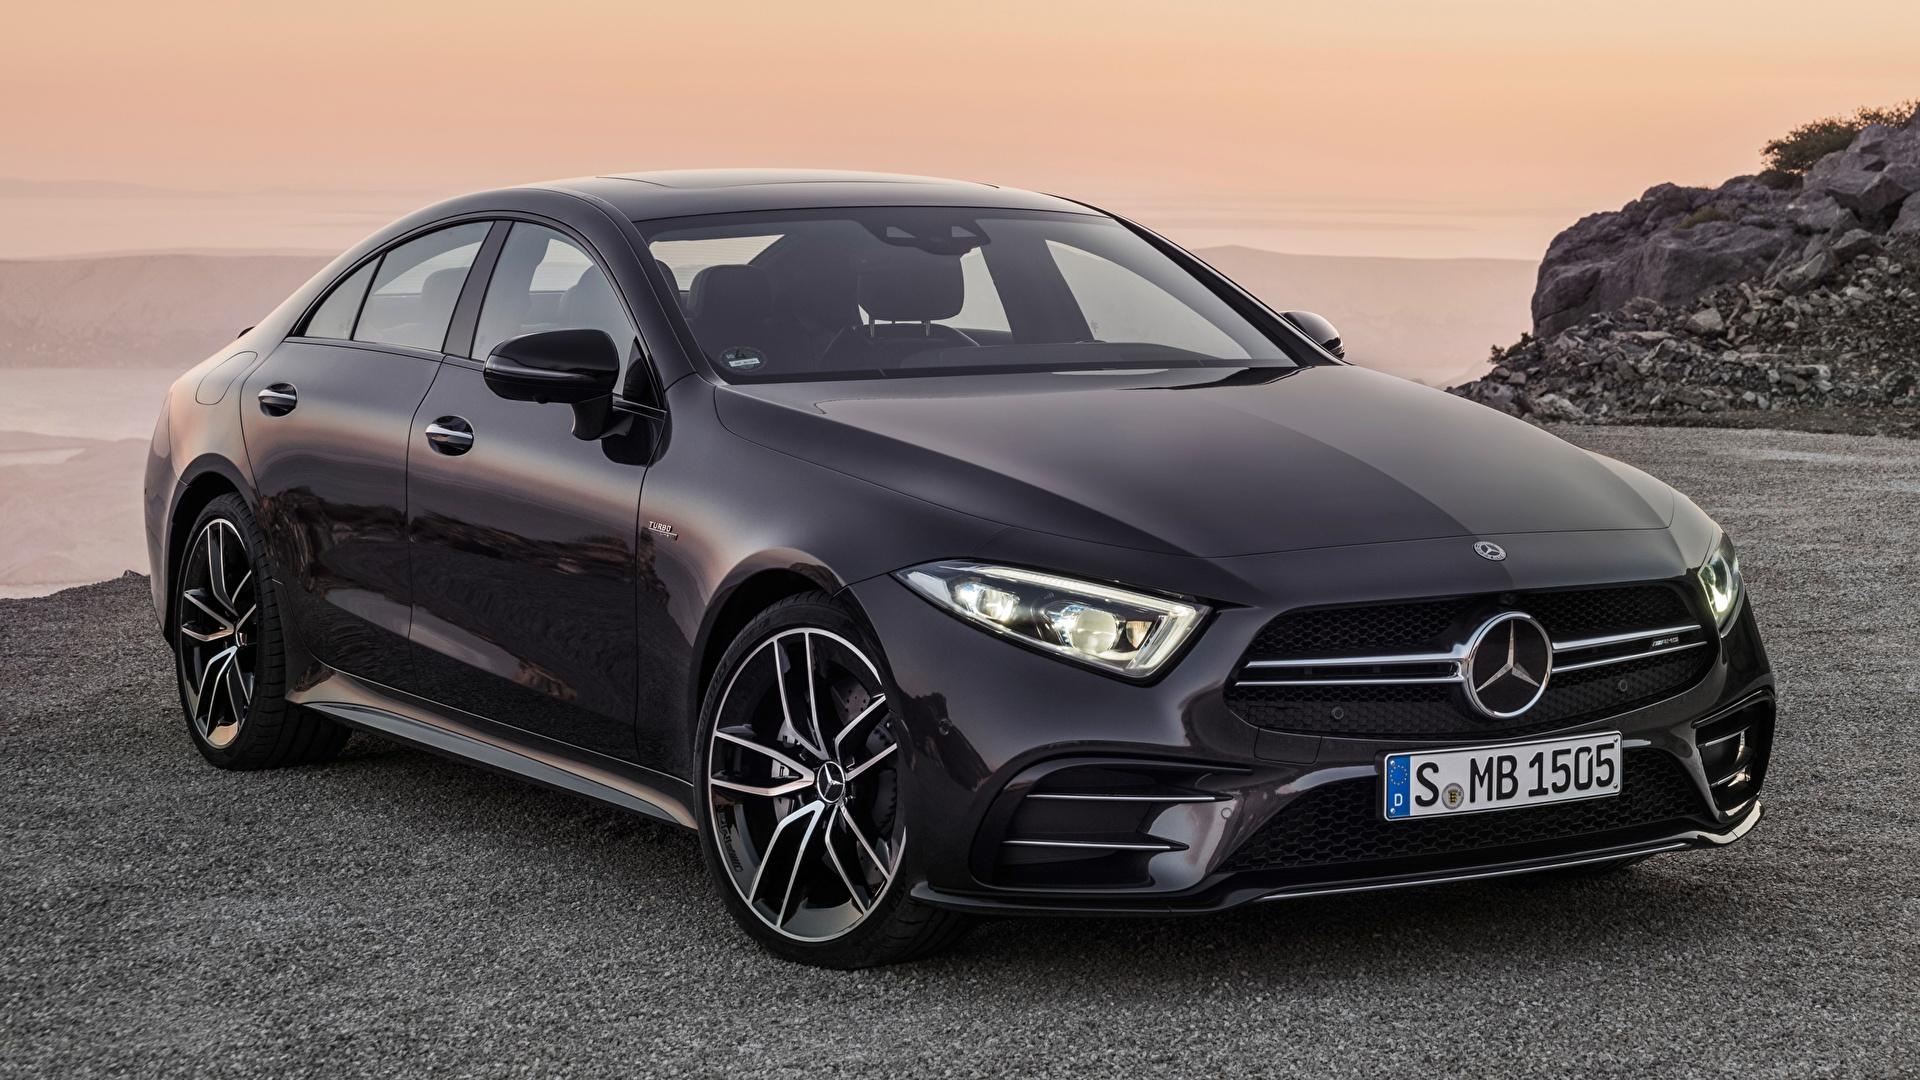 Картинка Mercedes-Benz AMG, CLS, 53 4MATIC, 2018 Седан Черный машина Металлик 1920x1080 Мерседес бенц черная черные черных авто машины Автомобили автомобиль